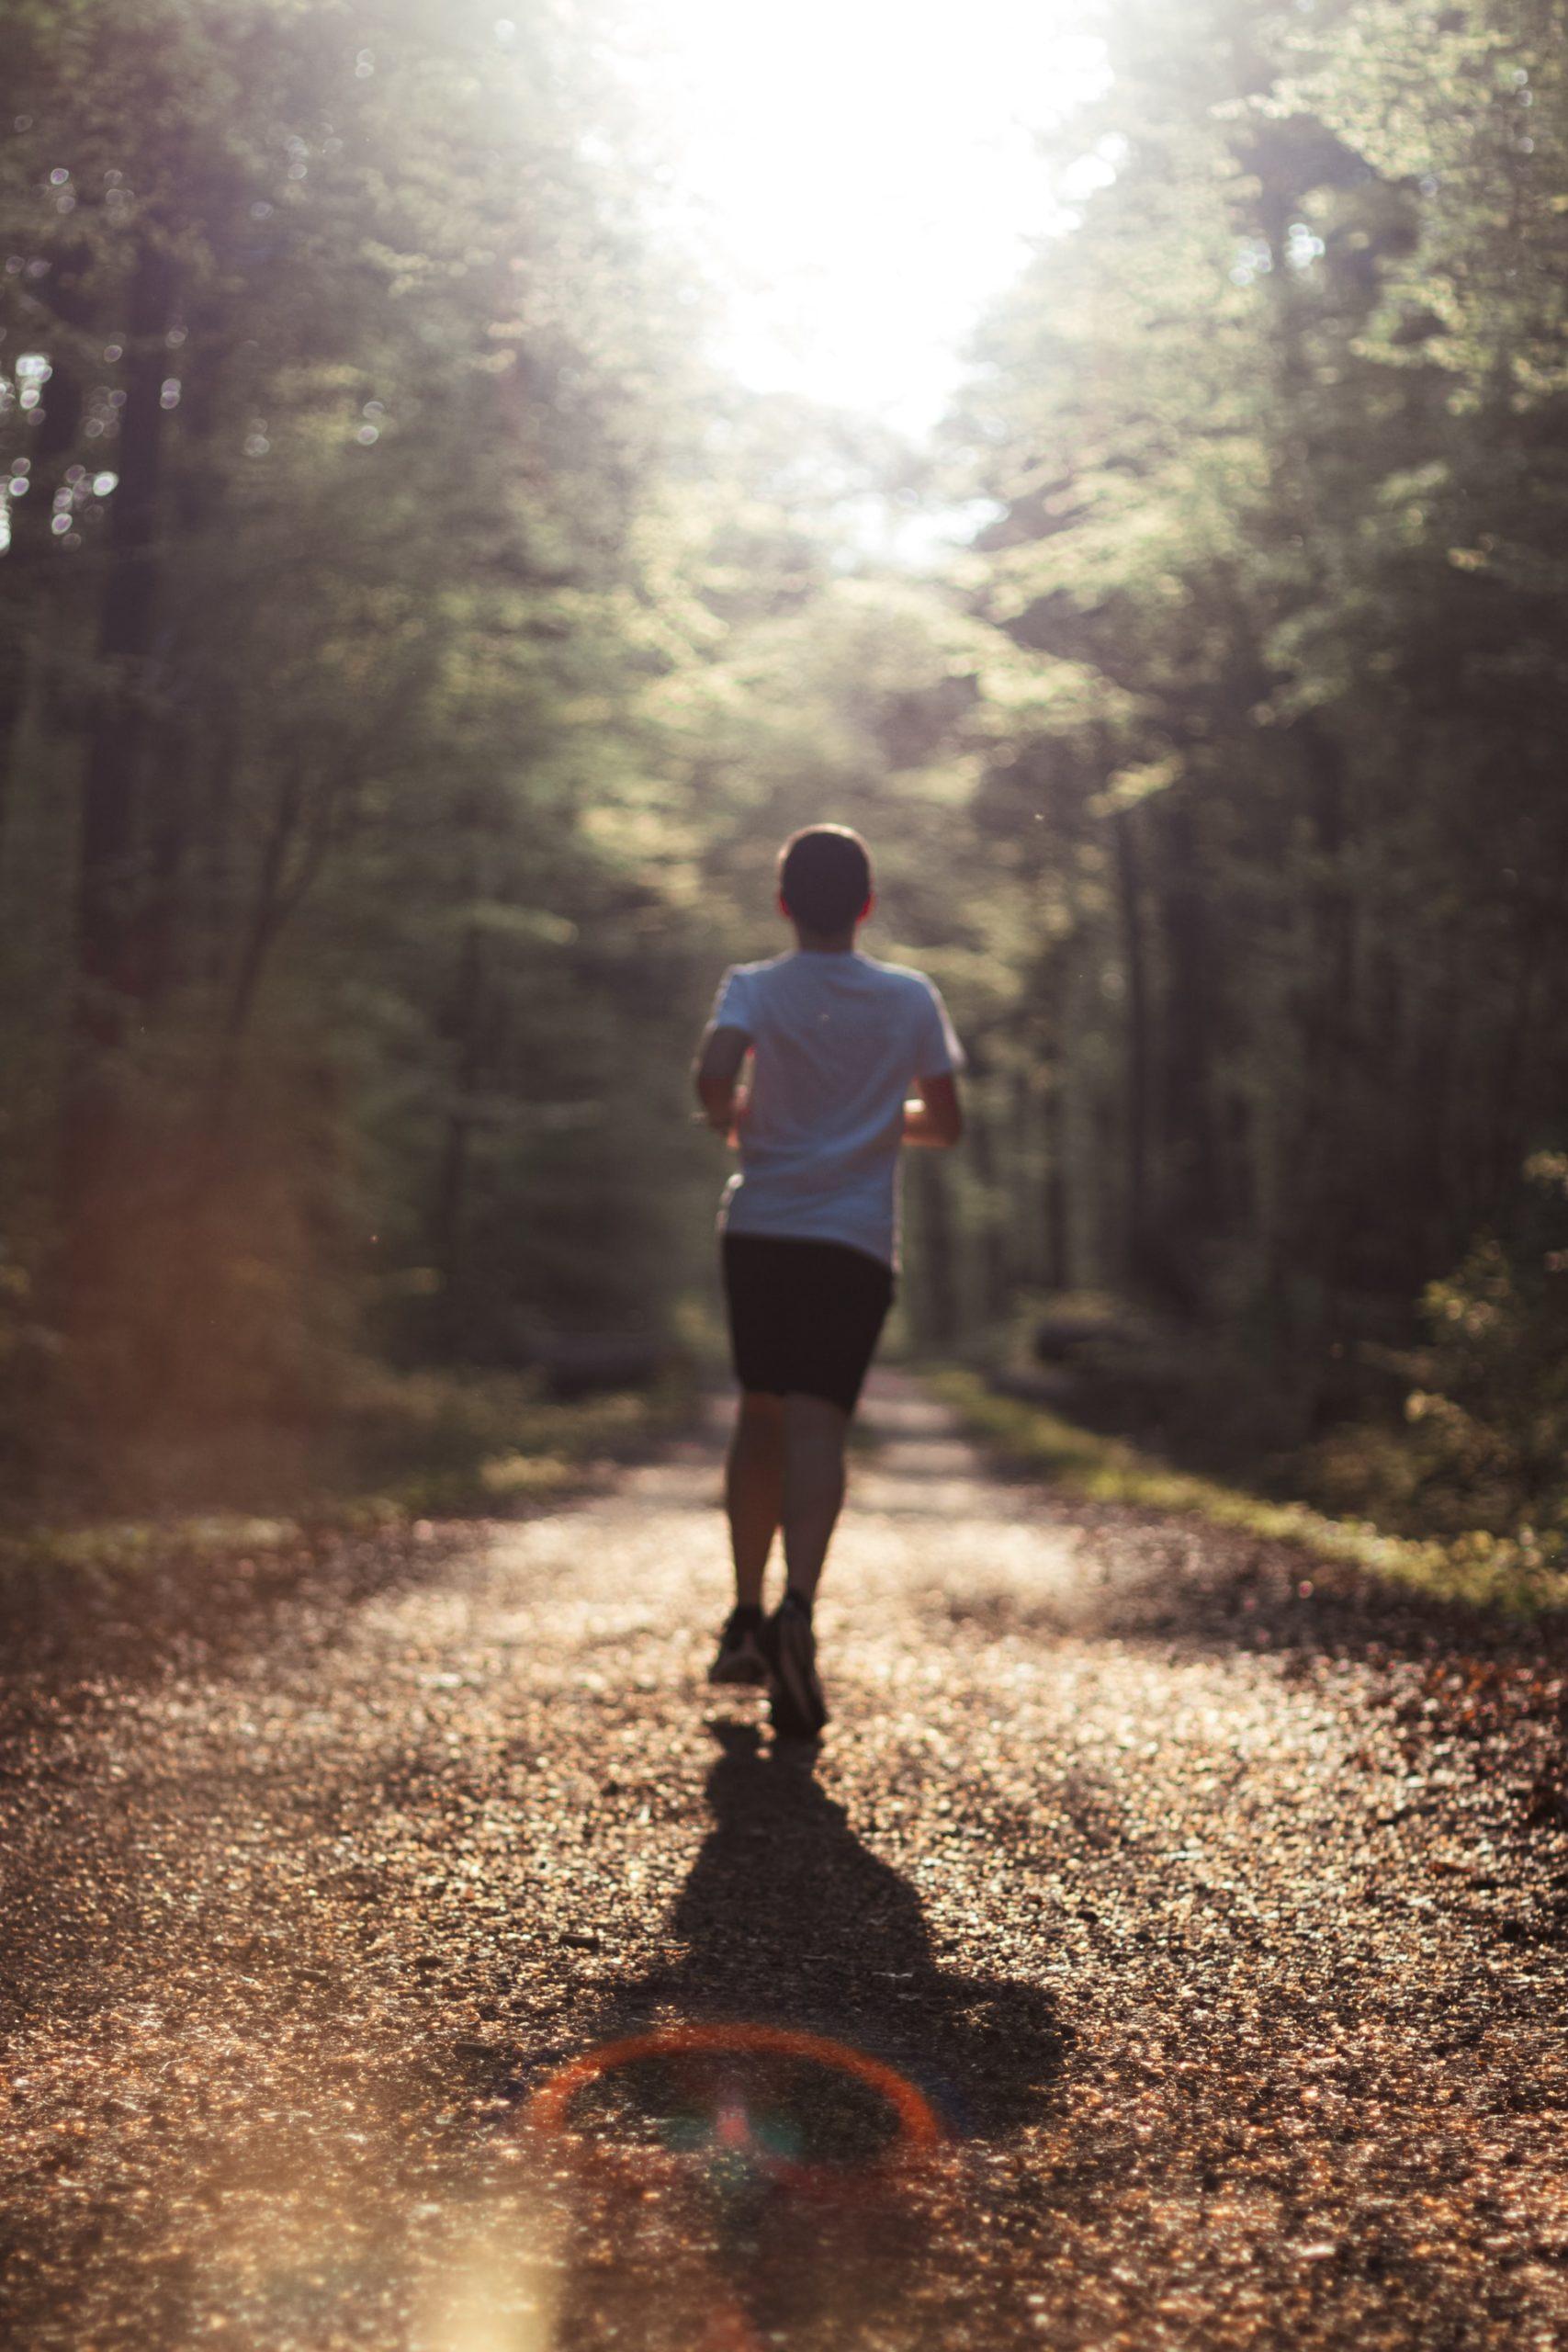 ストレスを溜めない方法③ 心地よい程度の運動、または深呼吸を習慣化